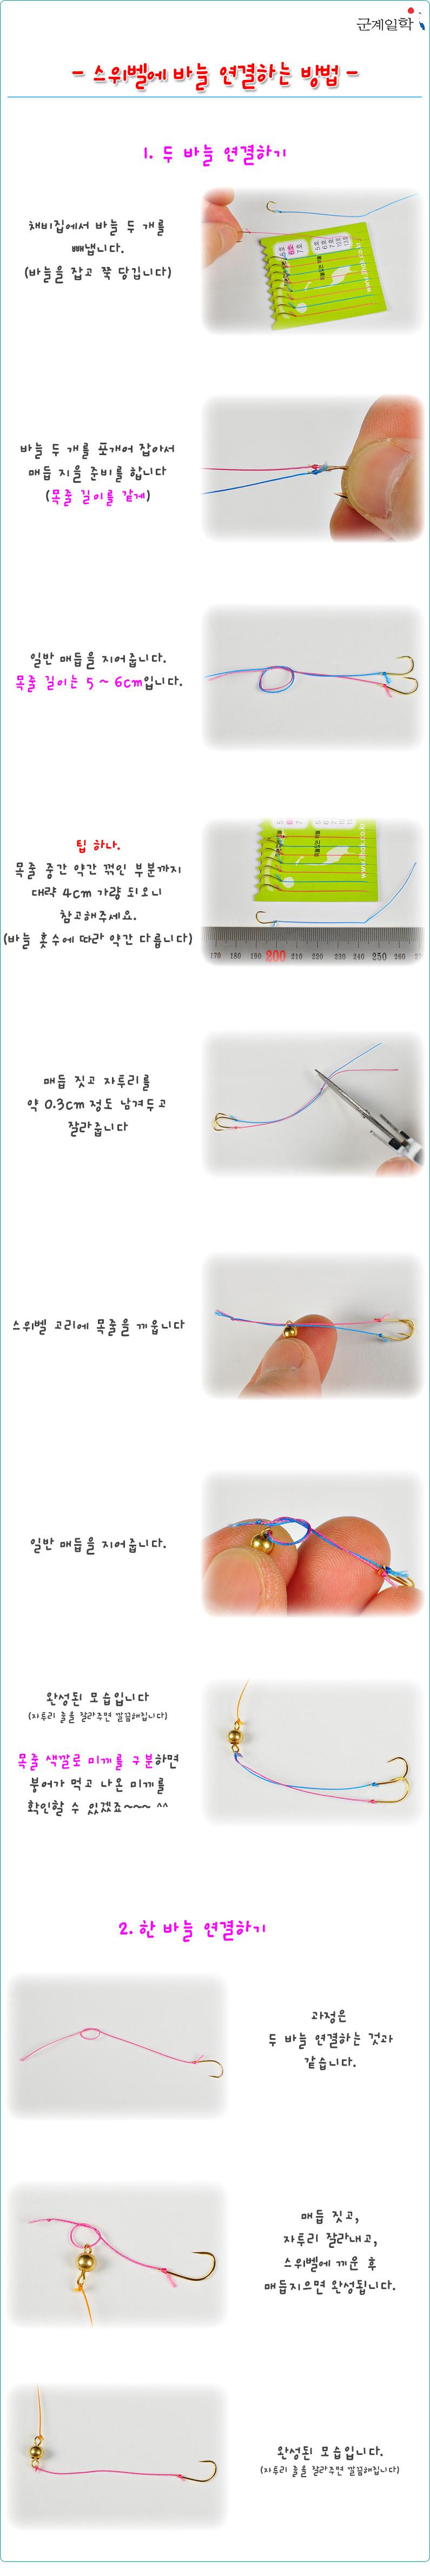 바늘 연결하는 방법1.jpg